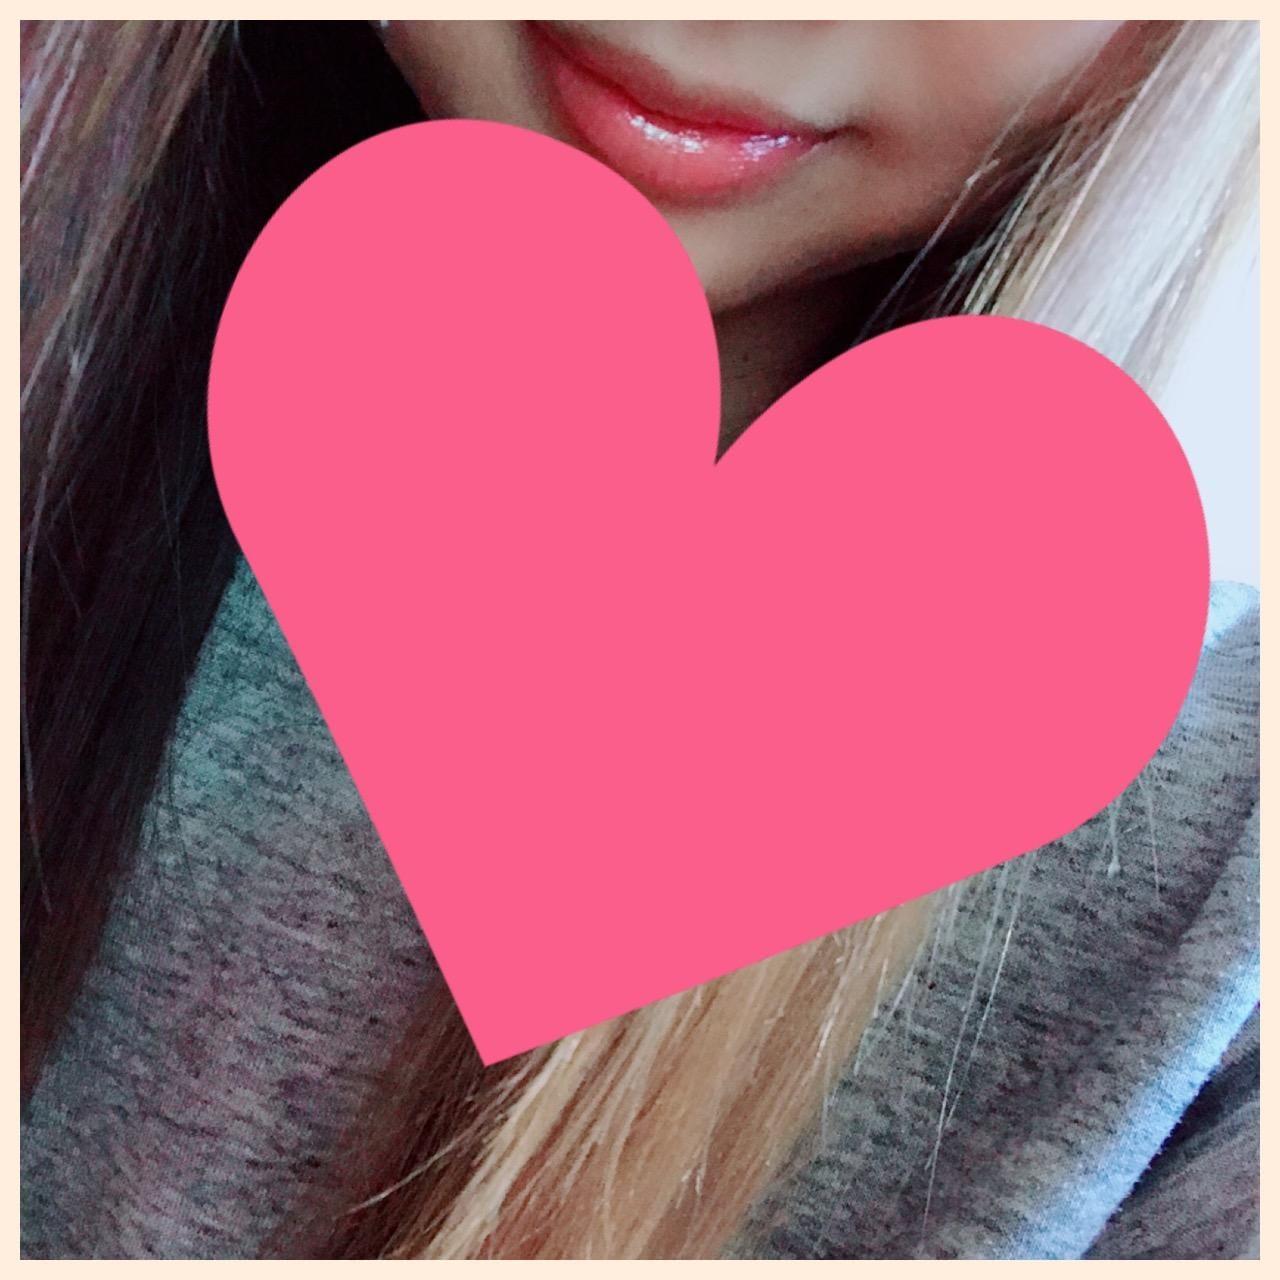 「こんにちは」11/03(11/03) 14:57 | じゅんたんの写メ・風俗動画